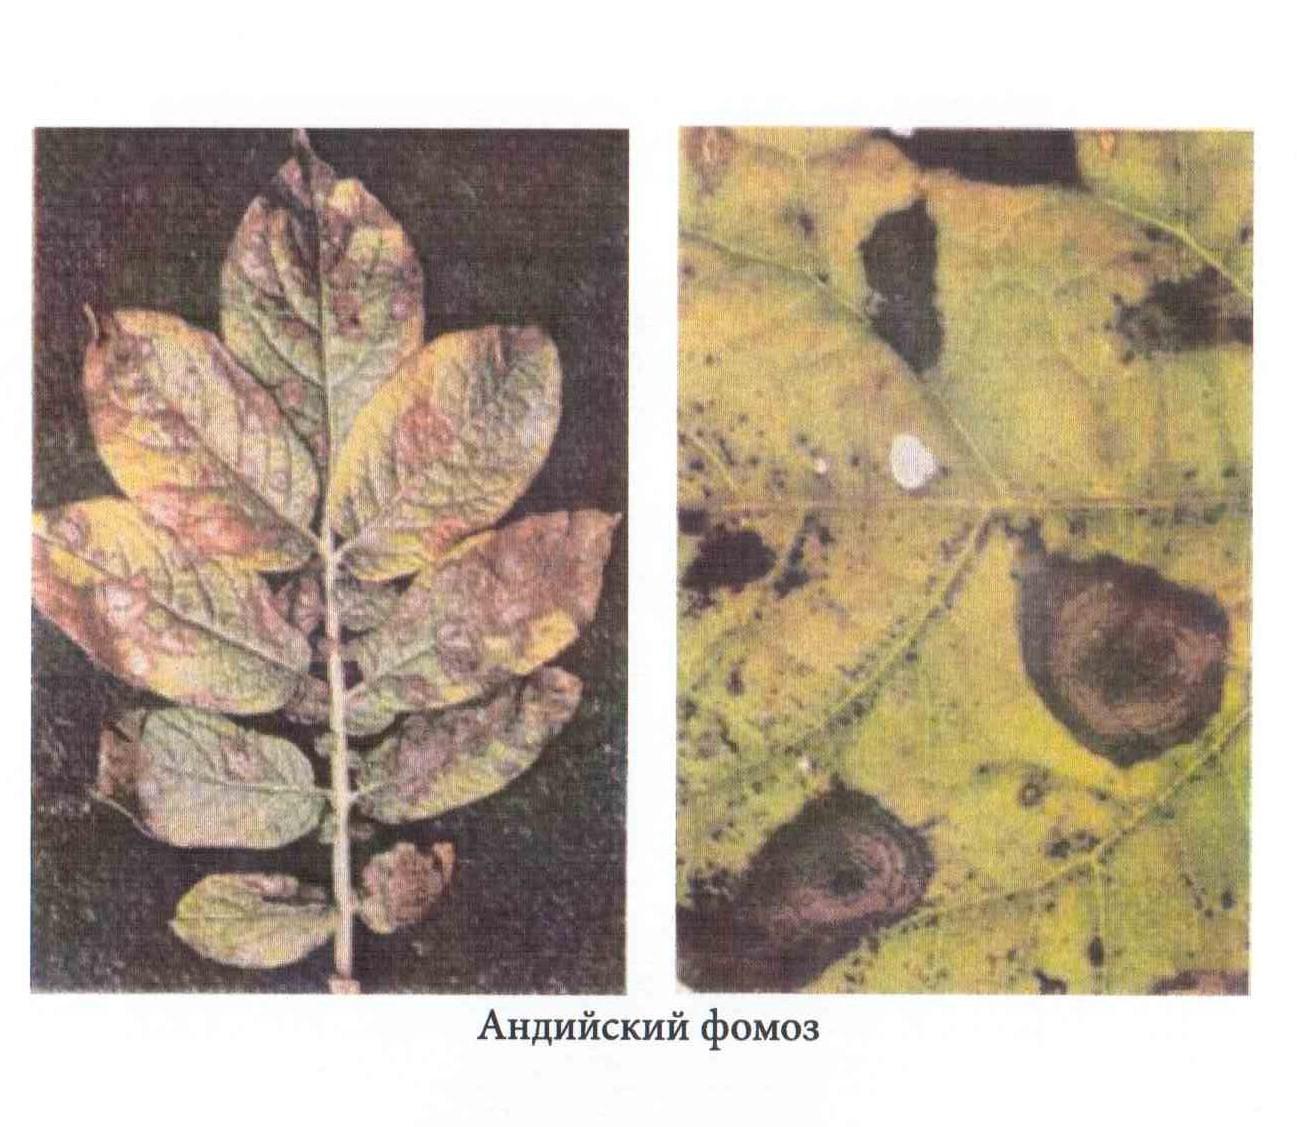 фото андийского фомоза картошки